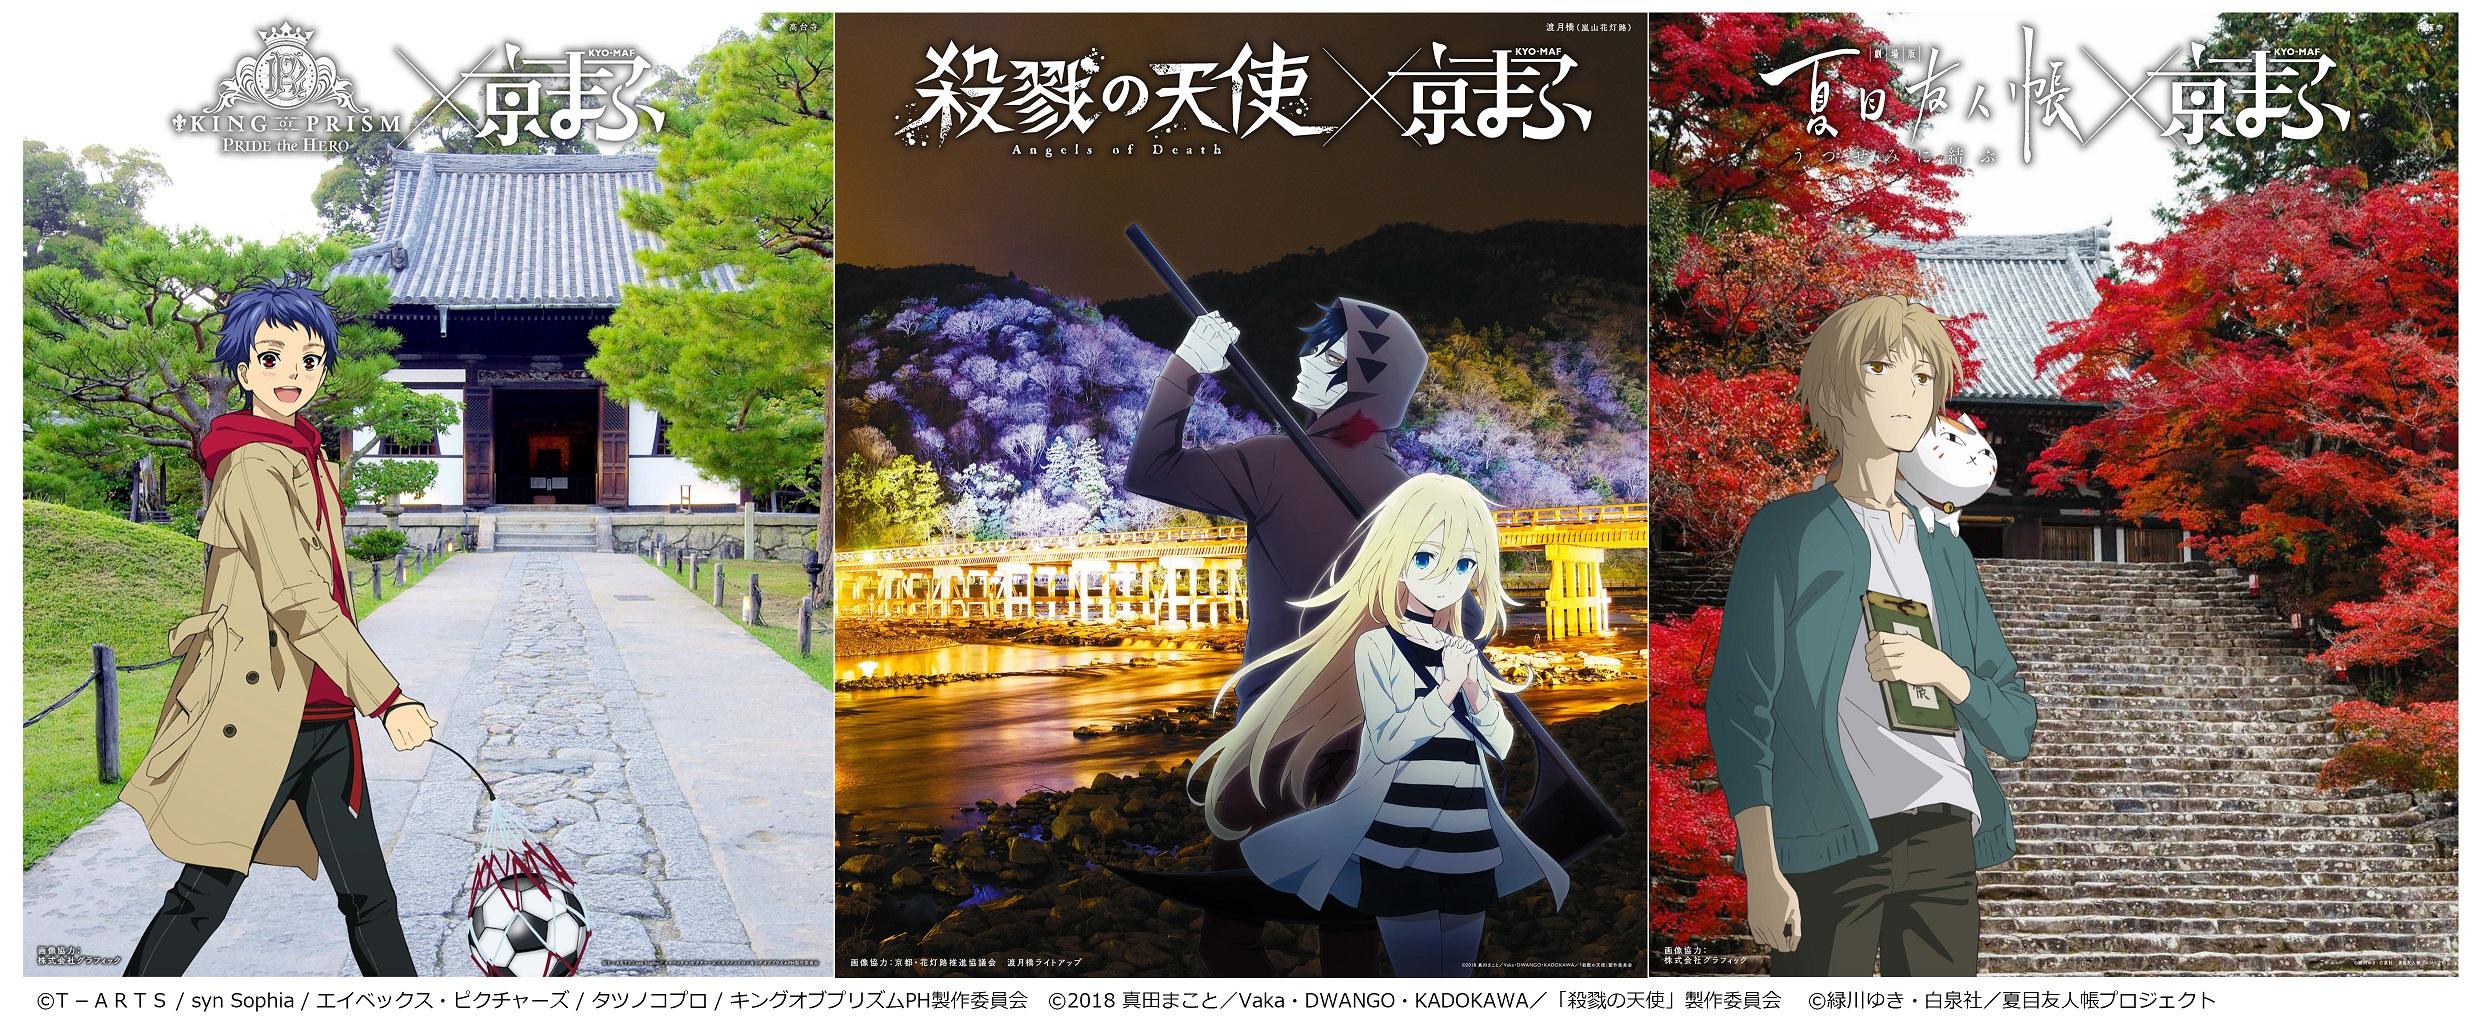 「マンガ・アニメ×京都名所」コラボビジュアル第2弾